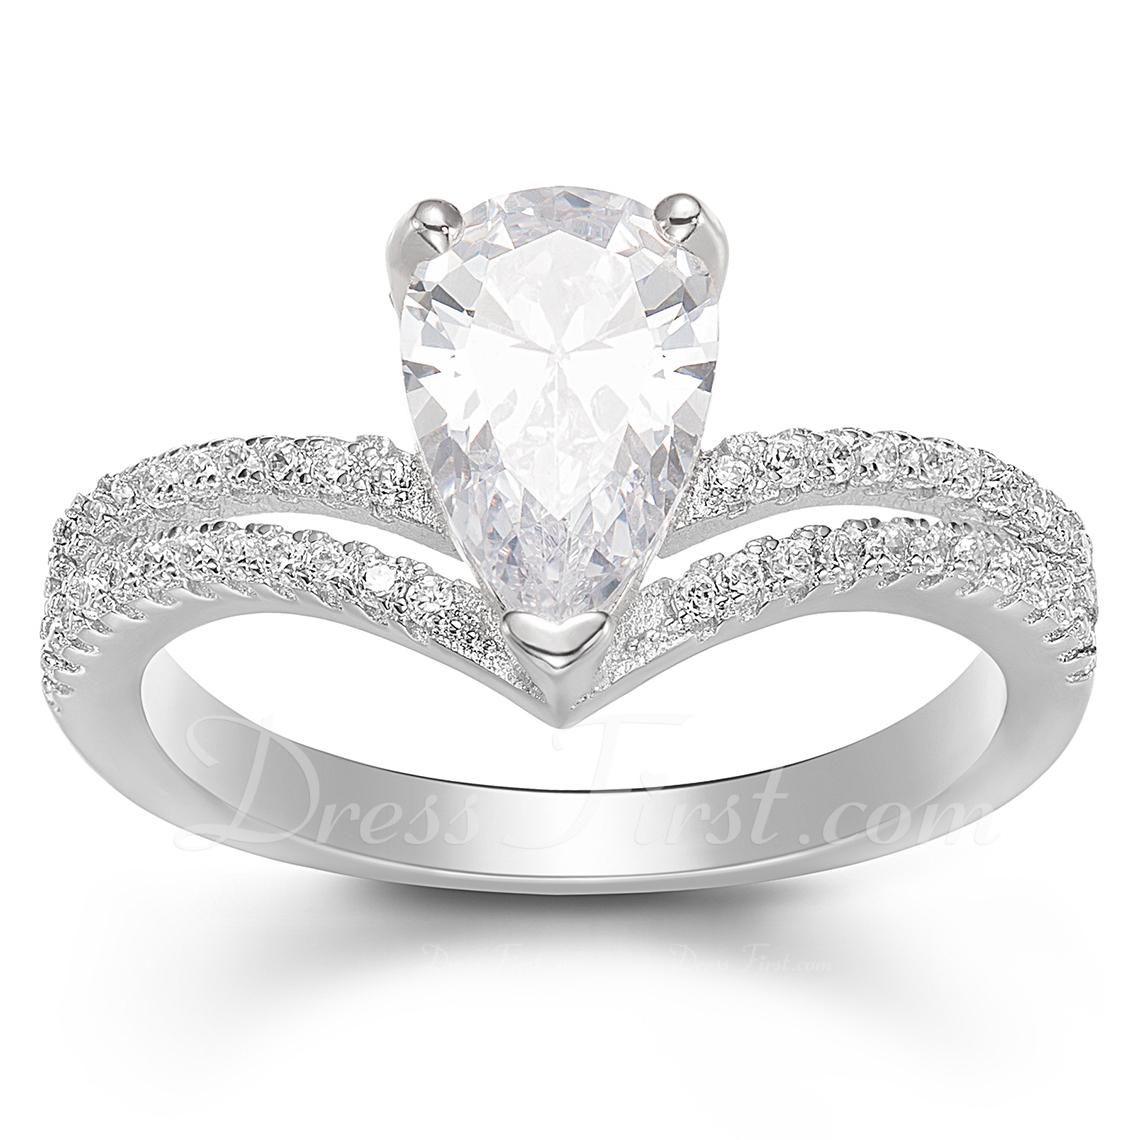 Plata esterlina Zirconia cúbica aureola En Forma De V Corte De Pera Anillos de promesa Conjuntos de novia -